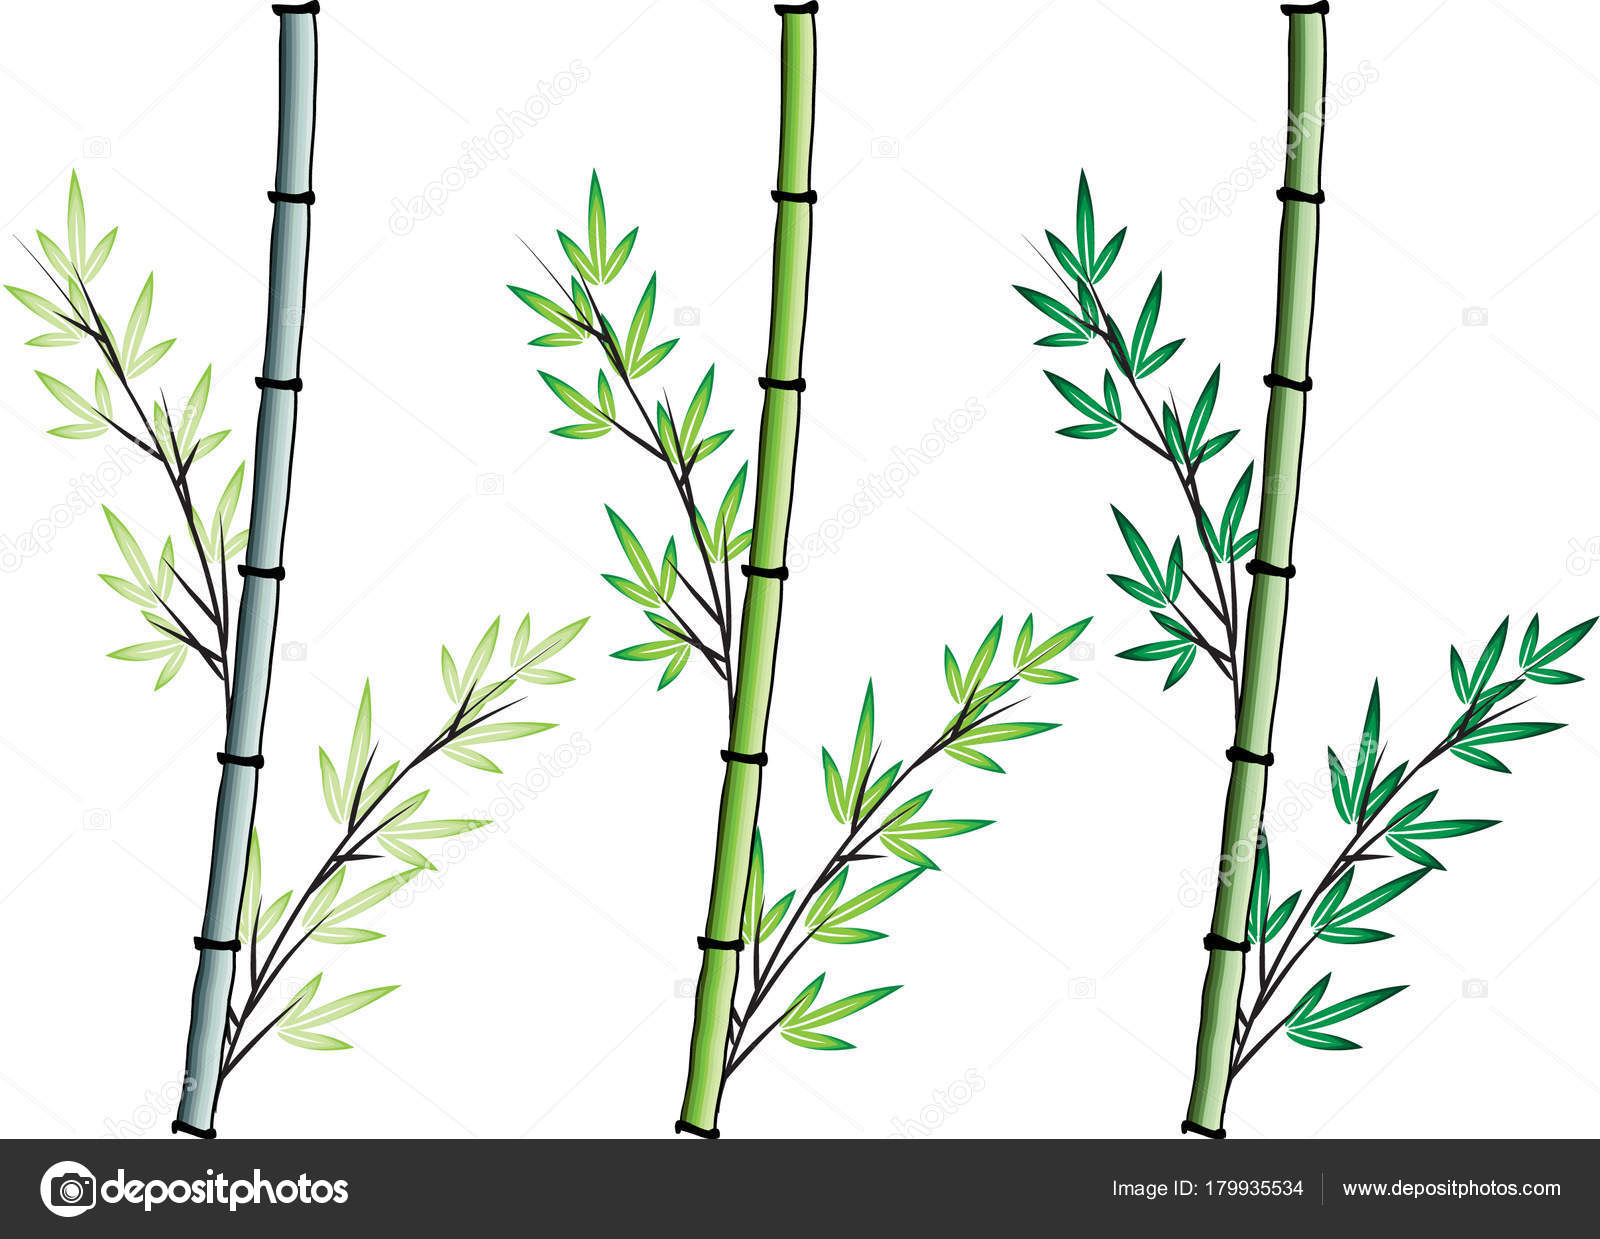 Bambus Zeichnung Design Vektor Stockvektor C Wenpei 179935534